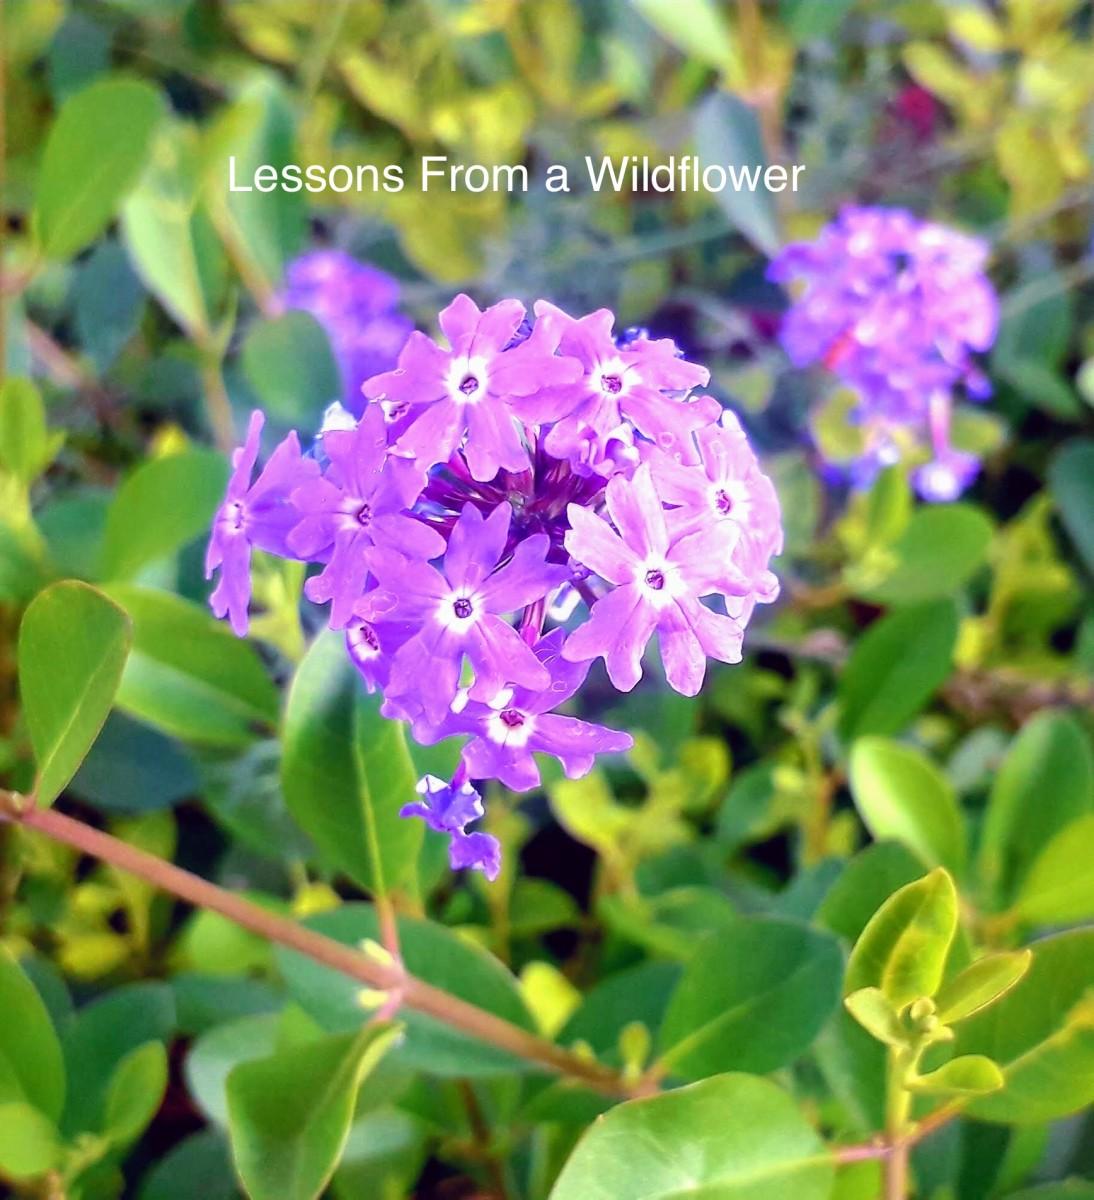 A beautiful wildflower, growing alongside my garden.